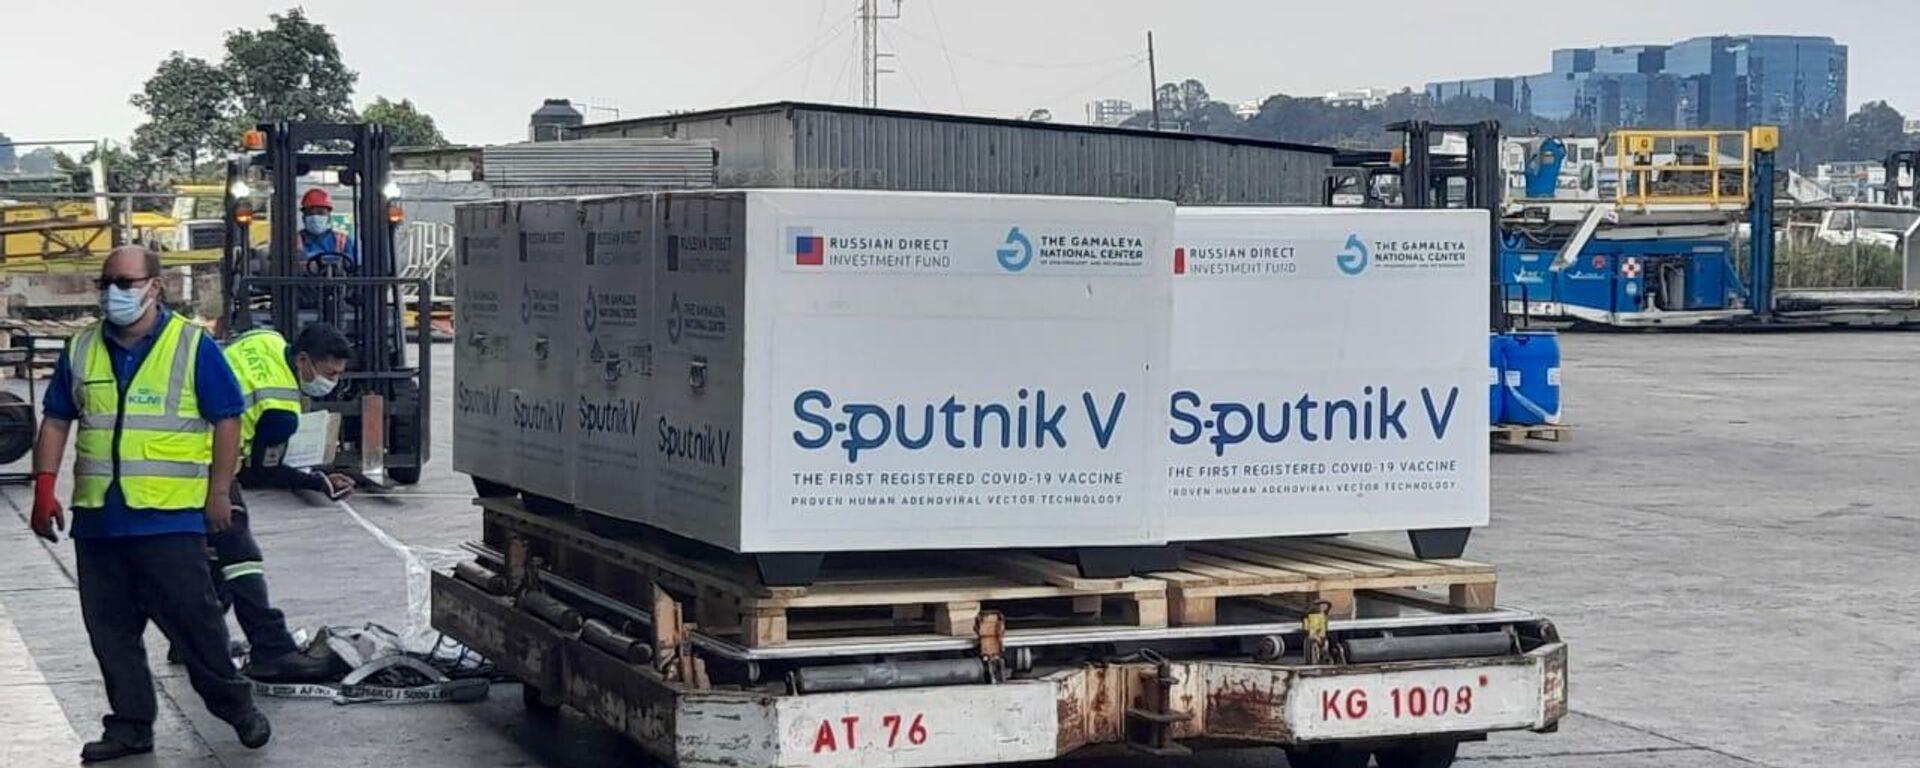 Llegada del cargamento de Sputnik V a Guatemala - Sputnik Mundo, 1920, 20.05.2021